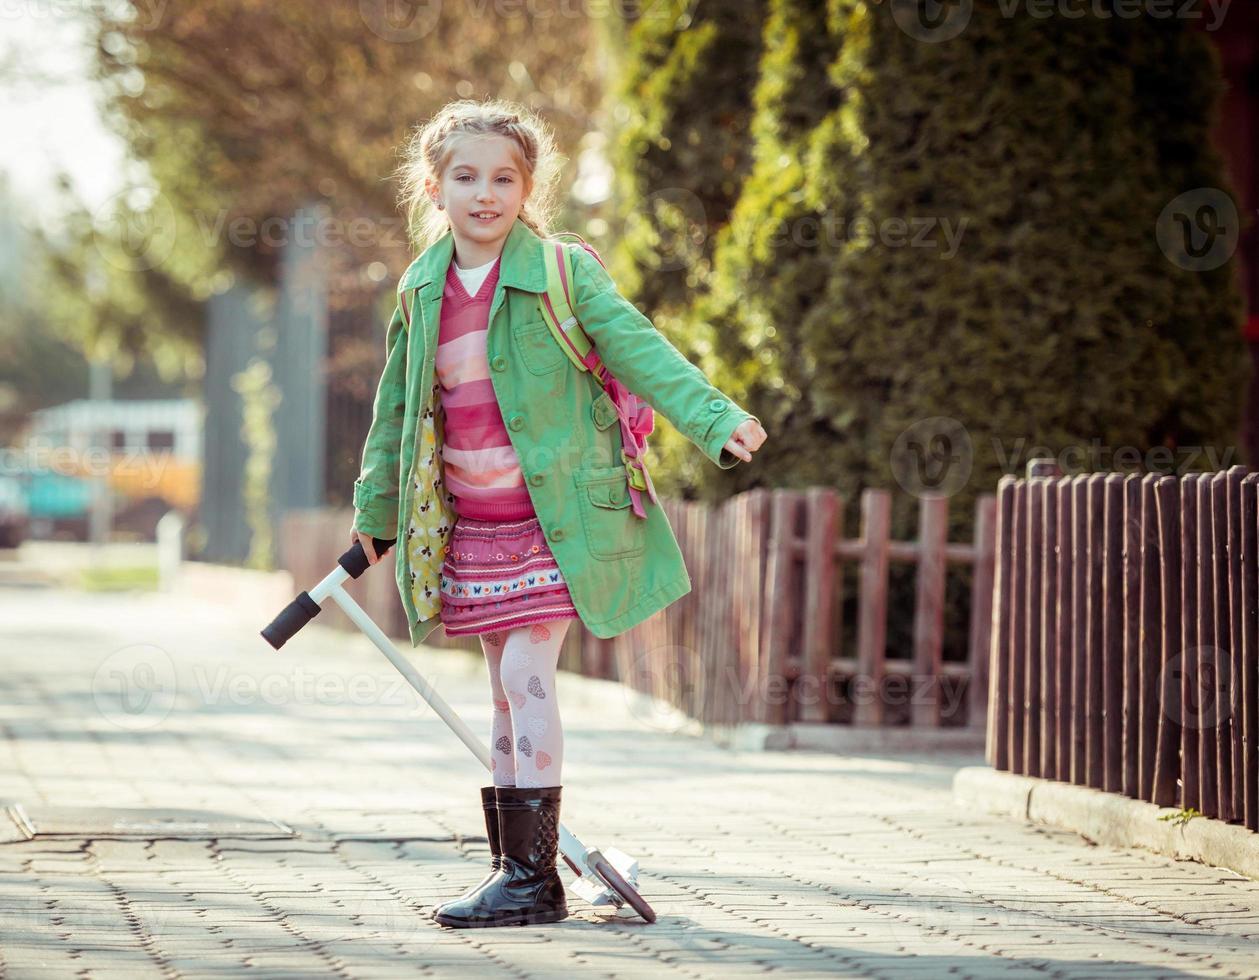 fille va à l'école photo